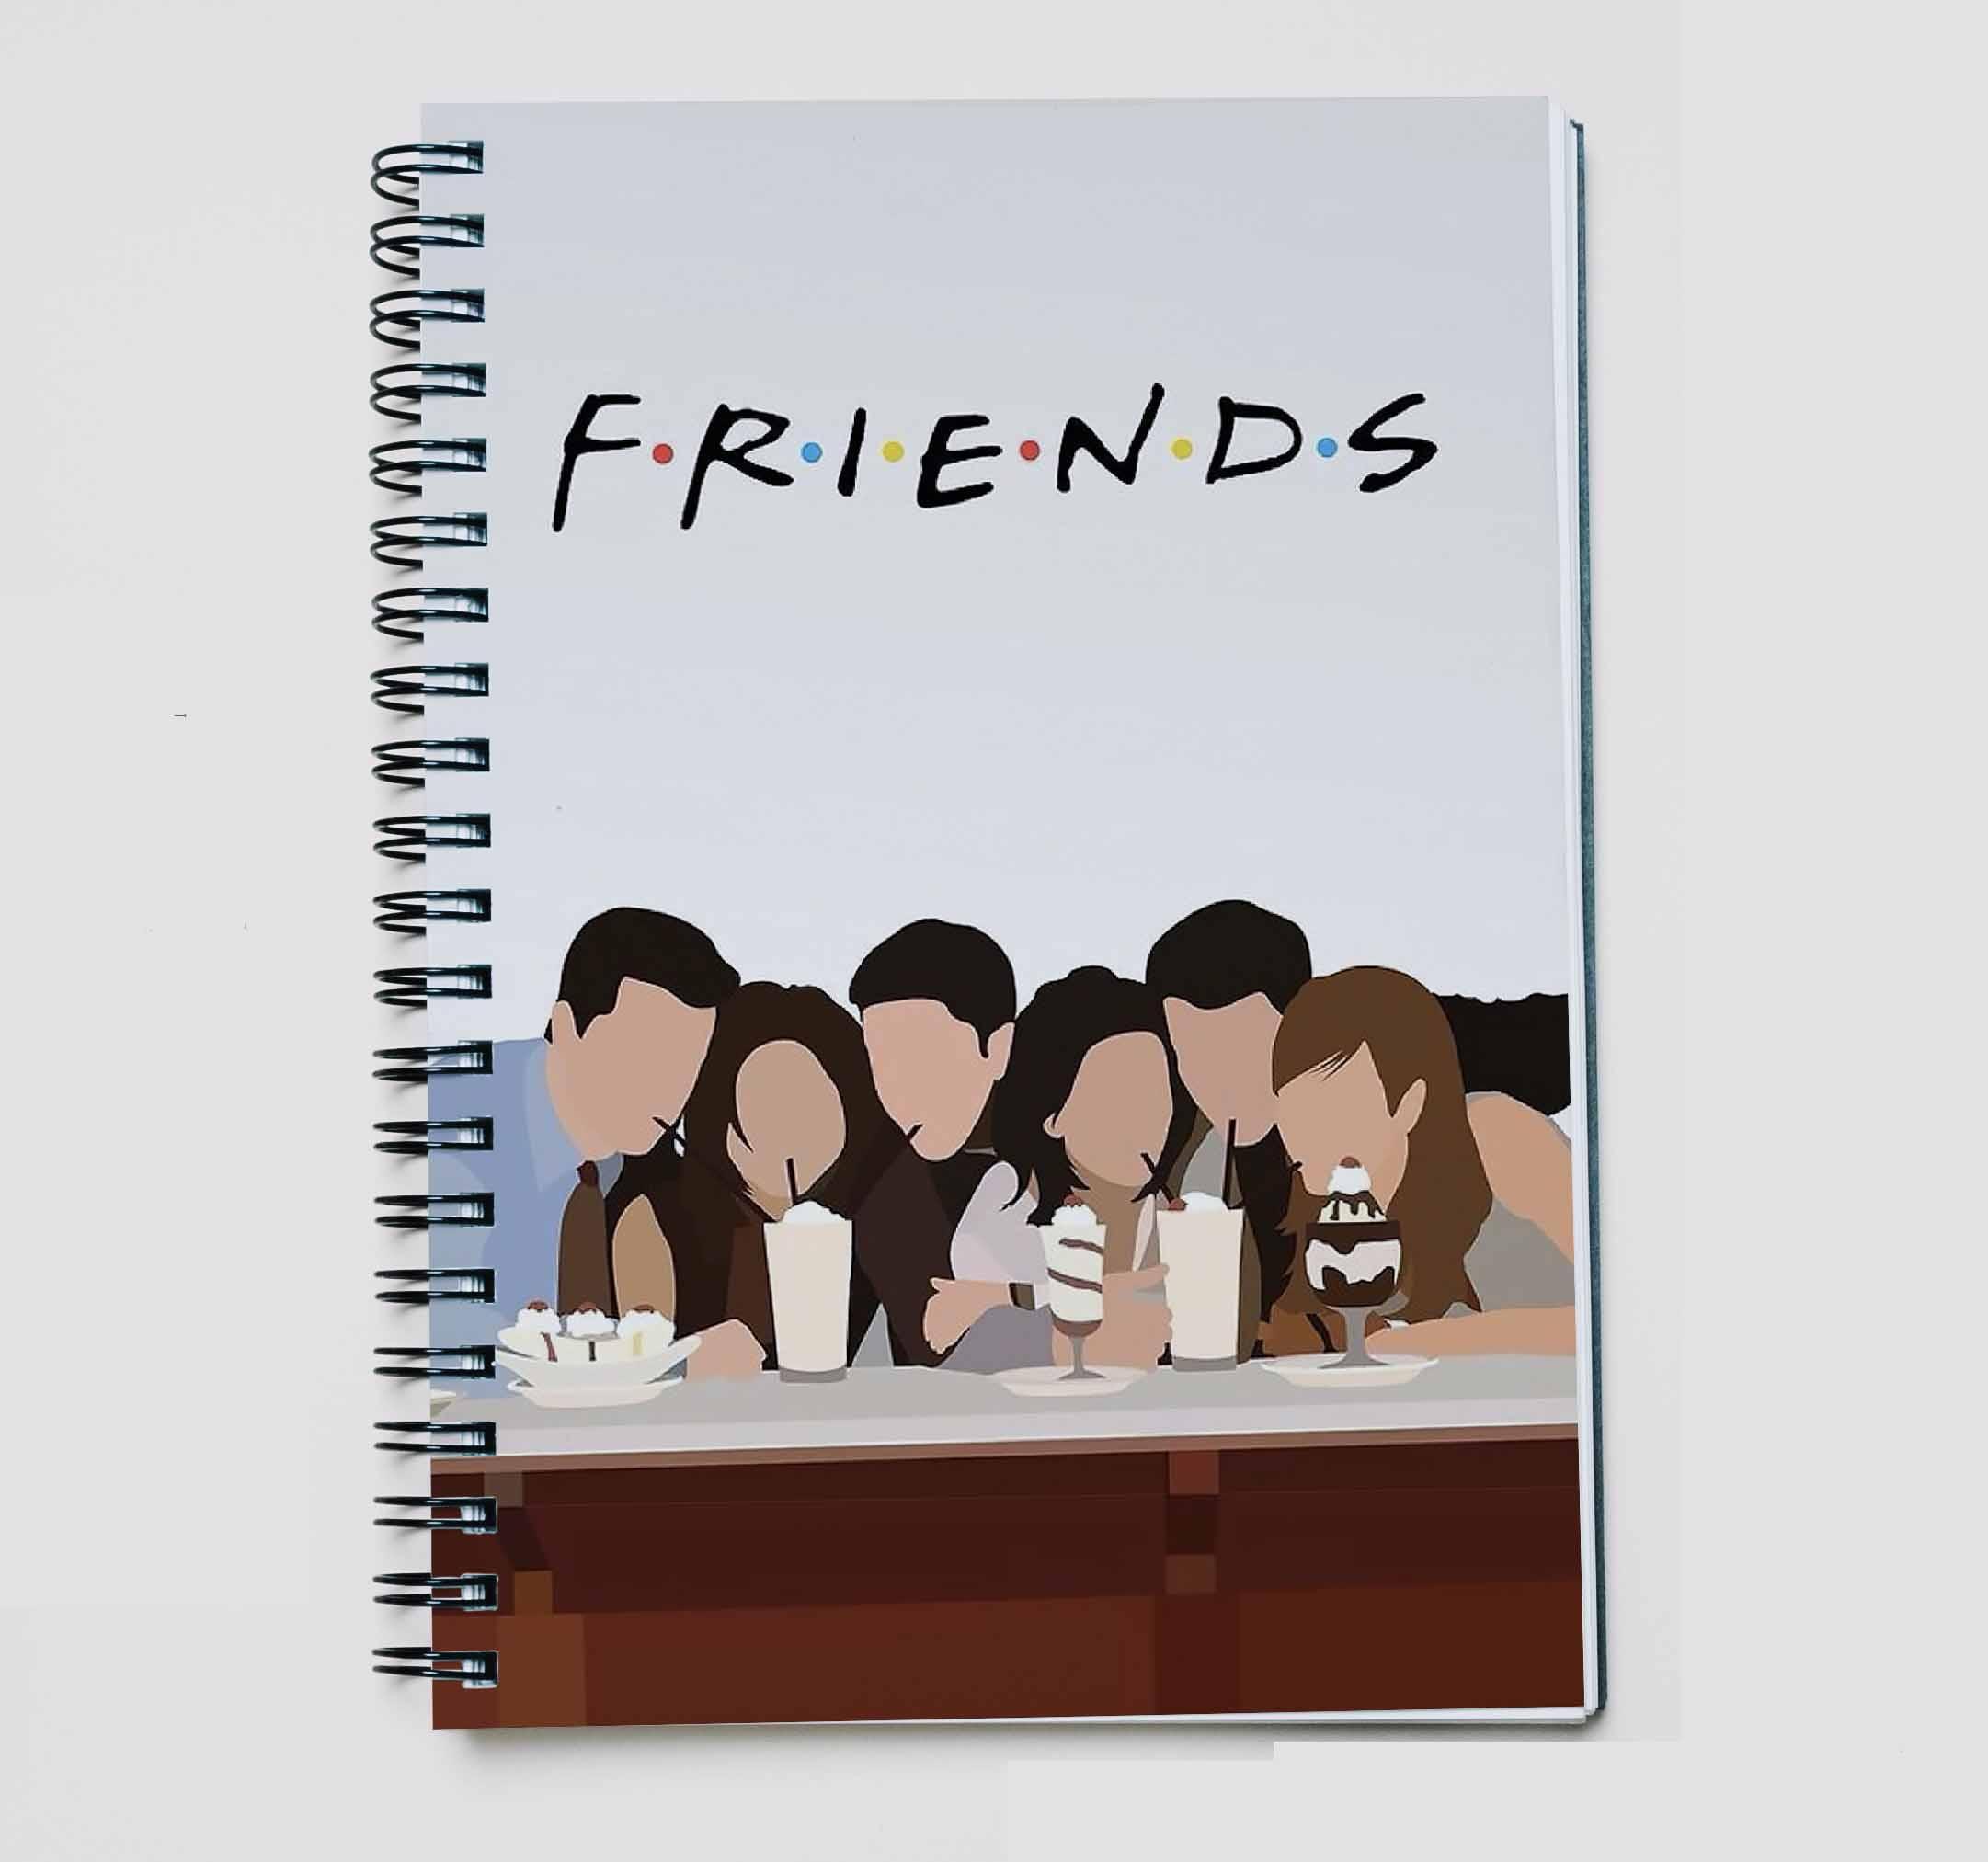 Friends ürünleri